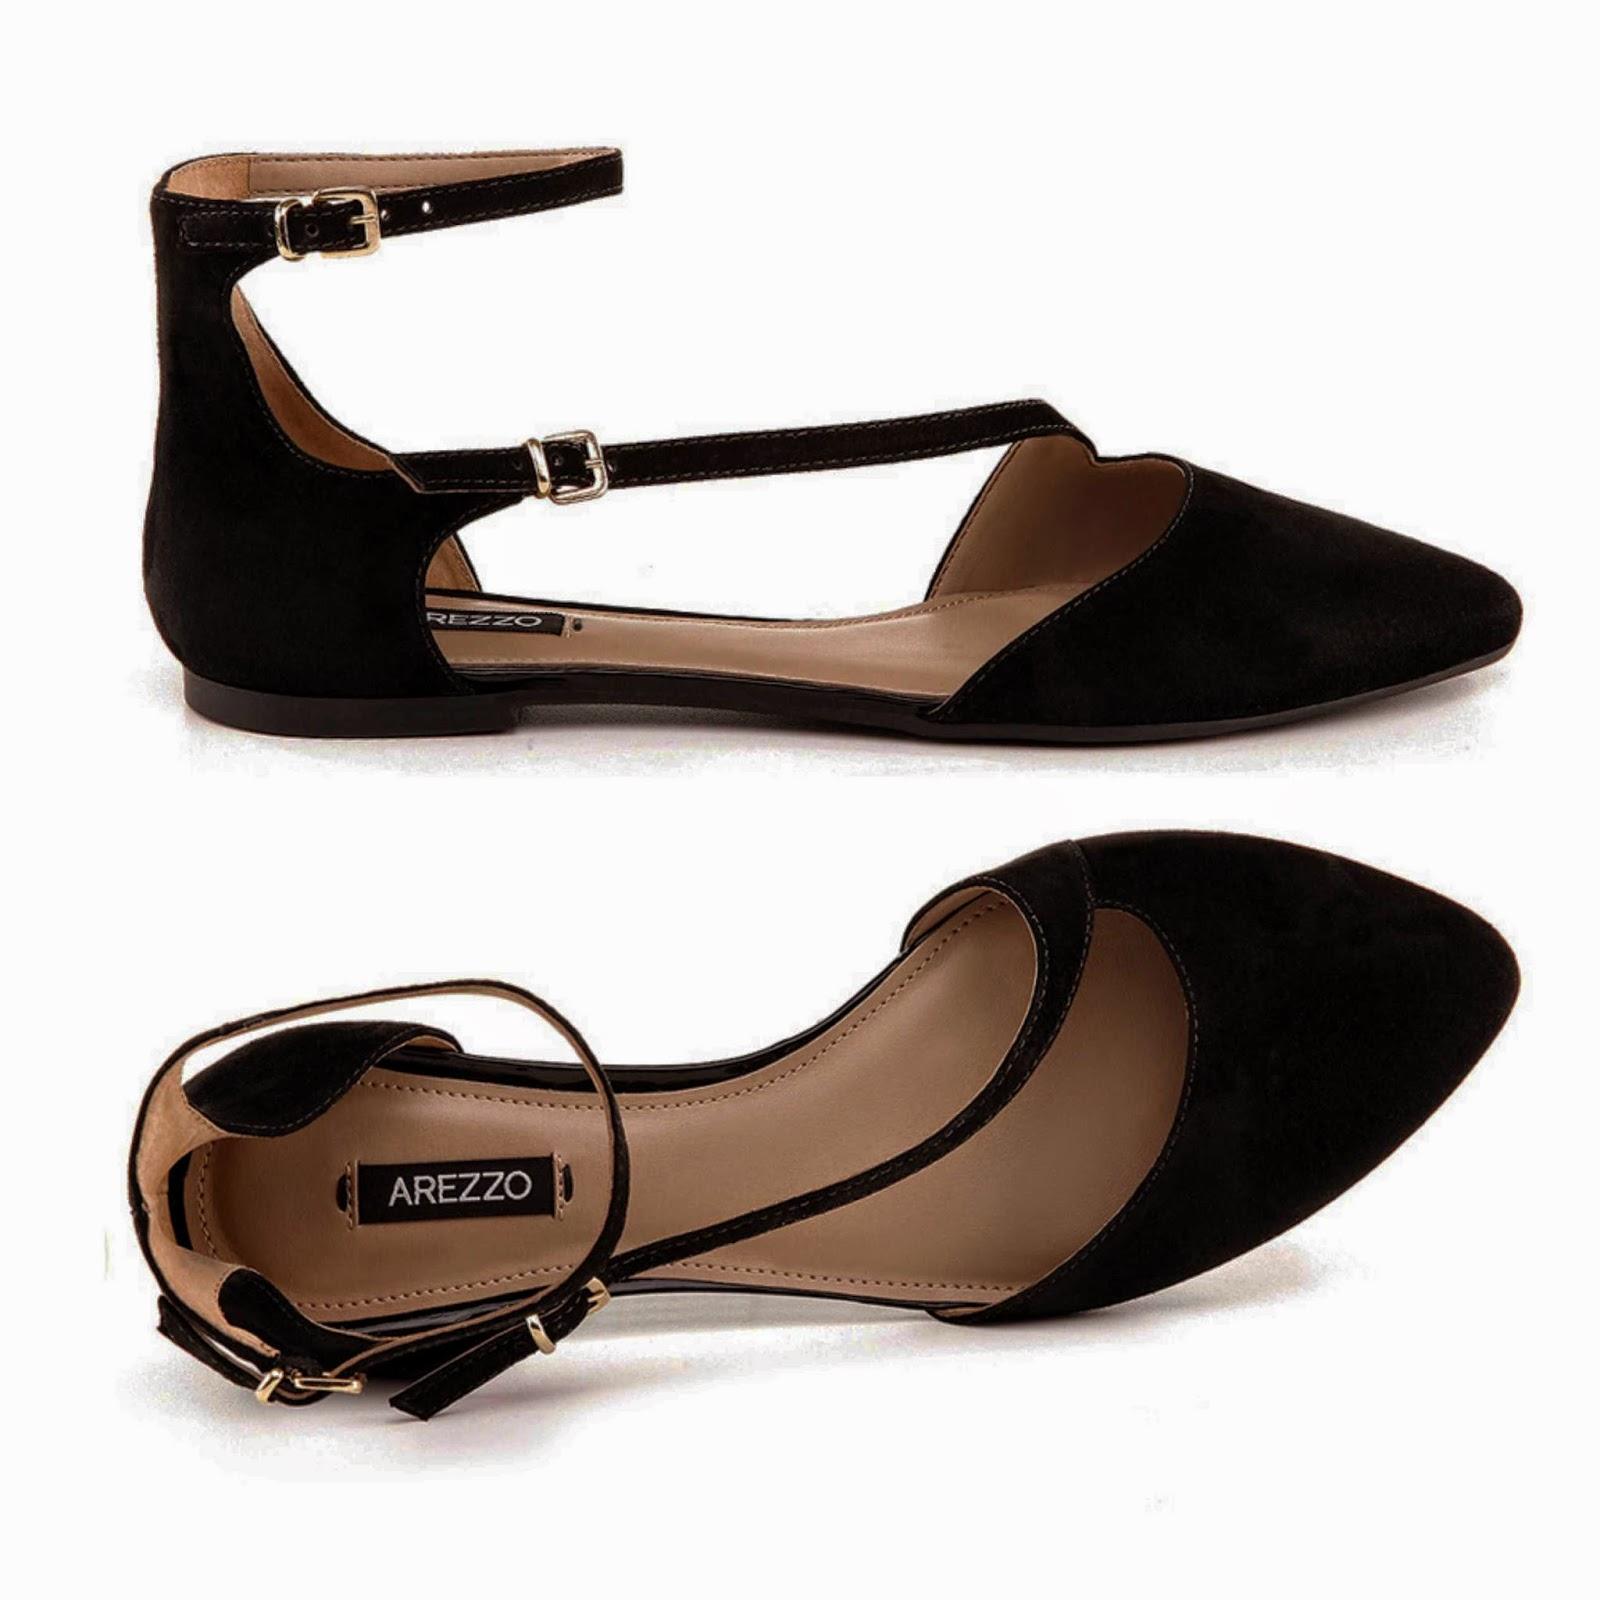 Os descontos variam e podem chegar até 50% em sapatos, sandálias,  gladiadoras, espadrilhes, alpargatas, sapatilhas e sandálias. 1d080ba47d